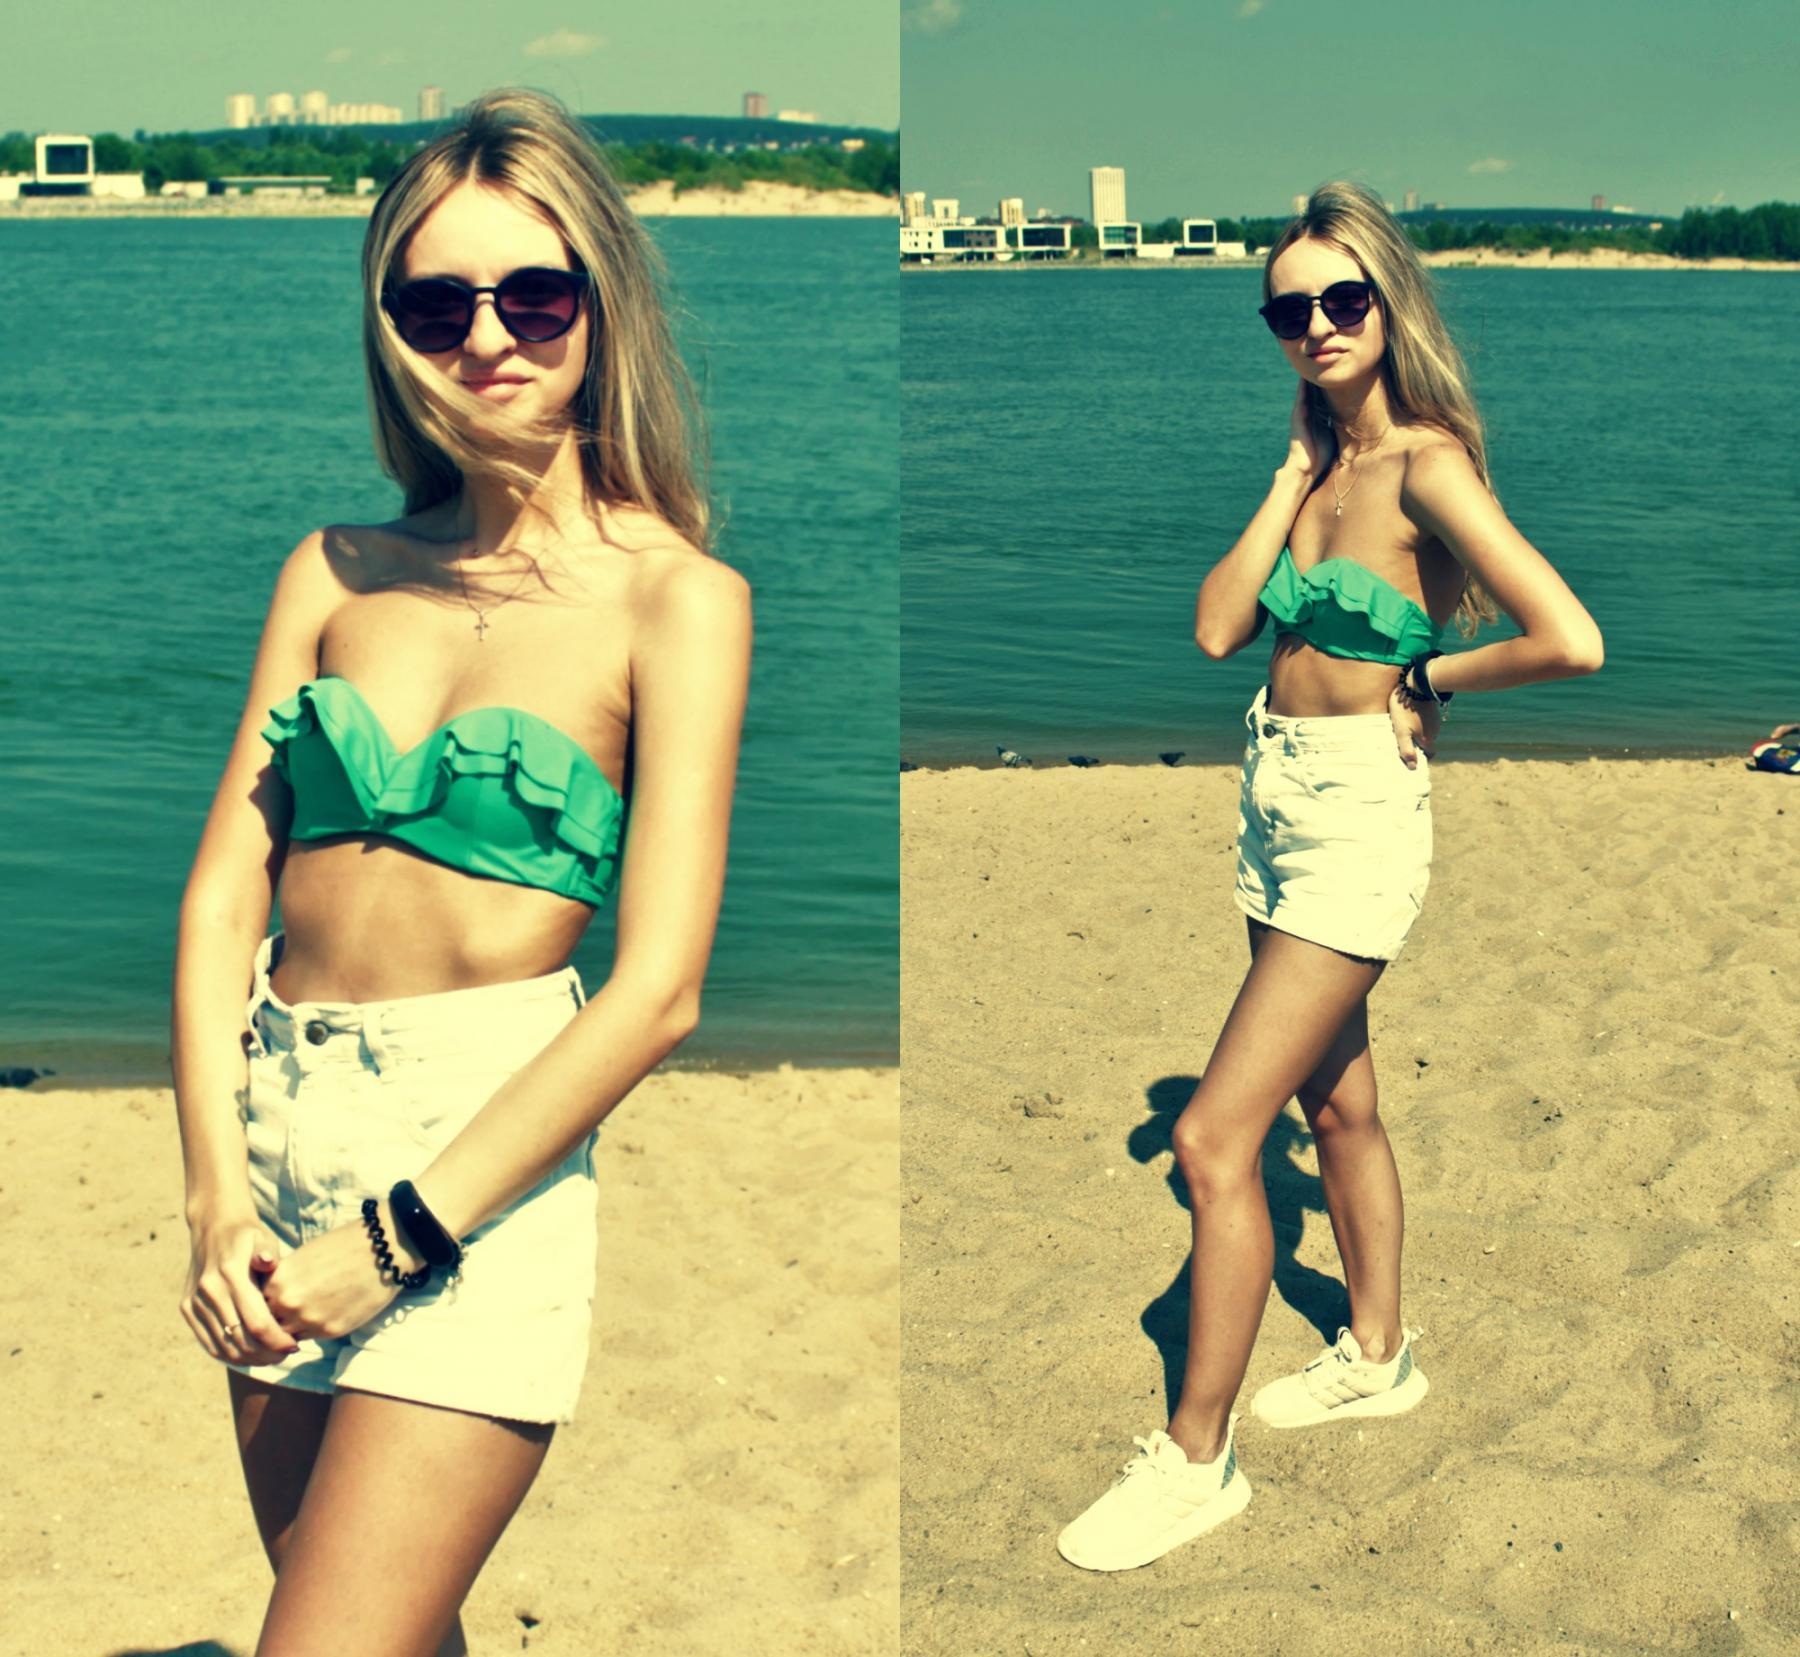 фото Лето, пляж, красотки: подборка самых горячих девушек на пляже Новосибирска 8